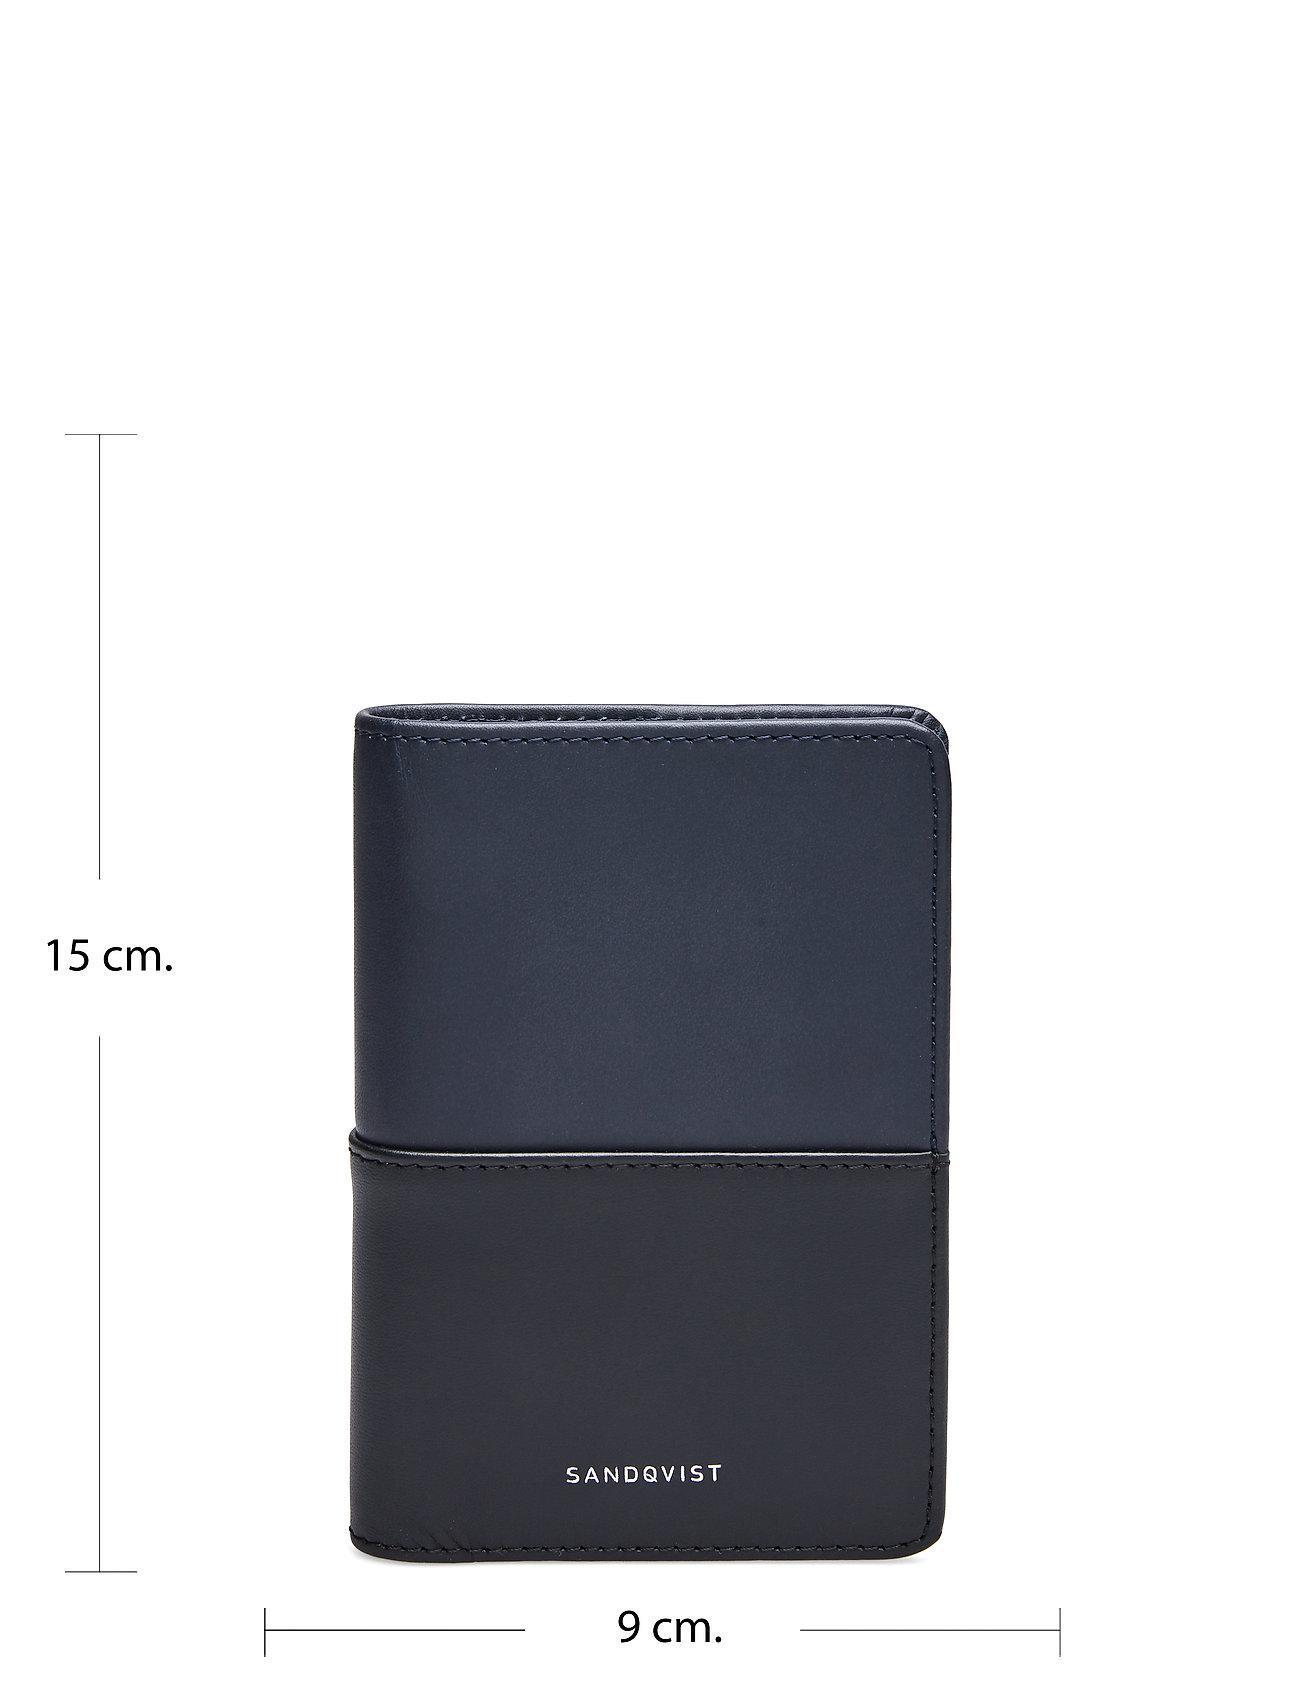 SANDQVIST - MALTE - wallets & cases - navy / black - 5